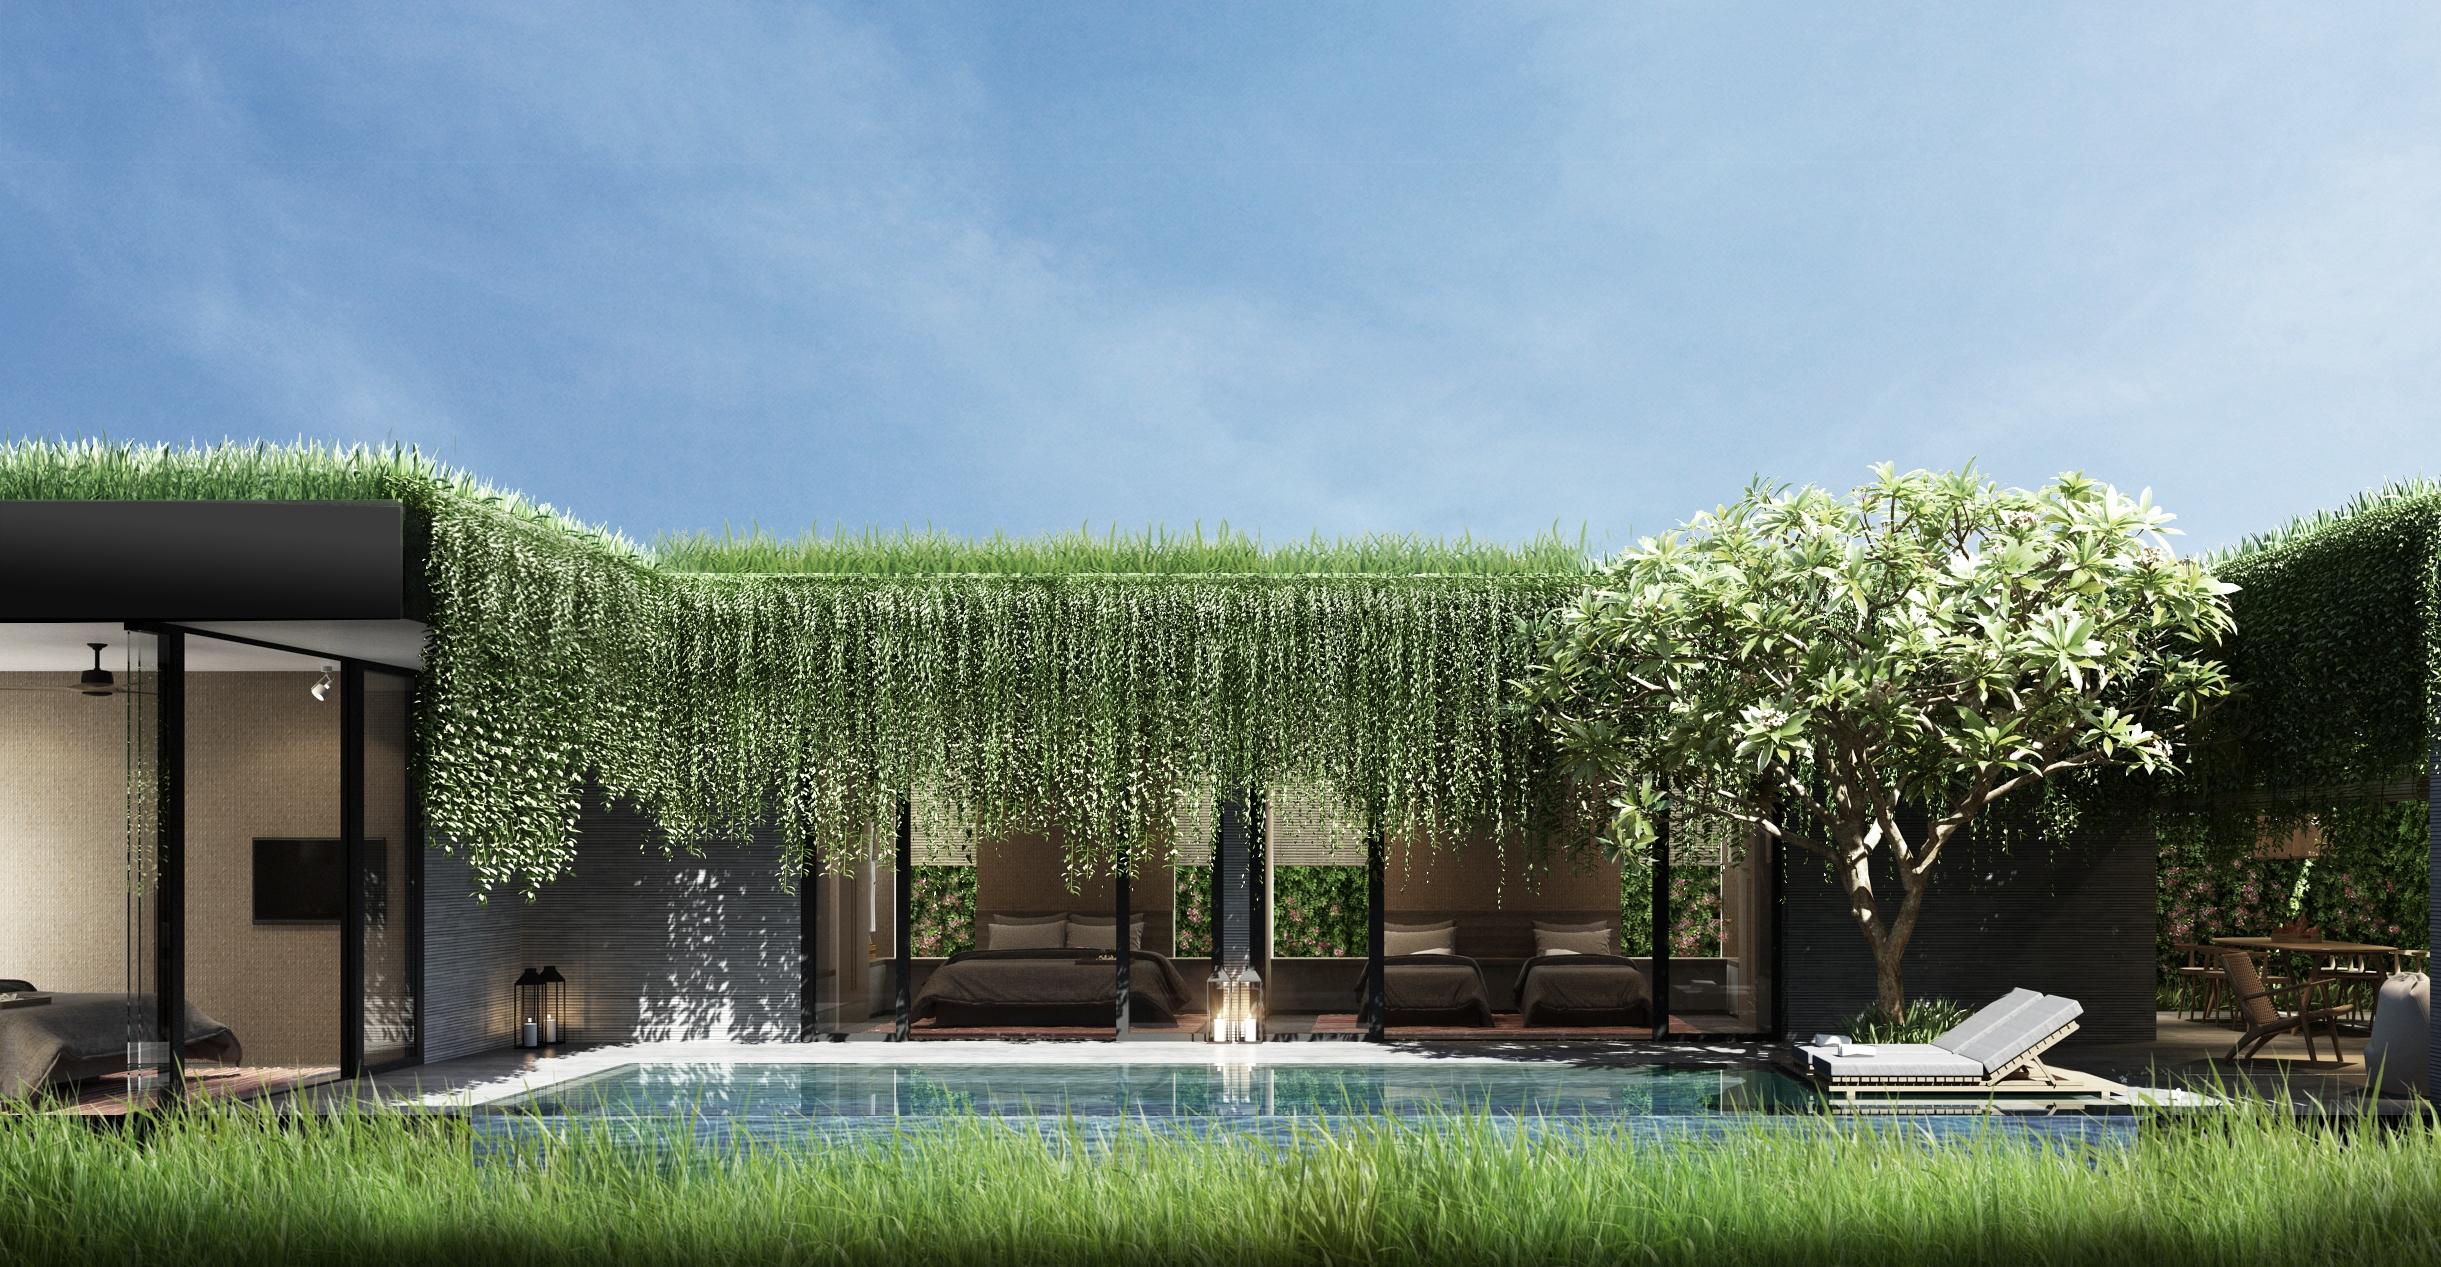 The Coast Villas với những dấu ấn khác biệt về phong cách thiết kế.